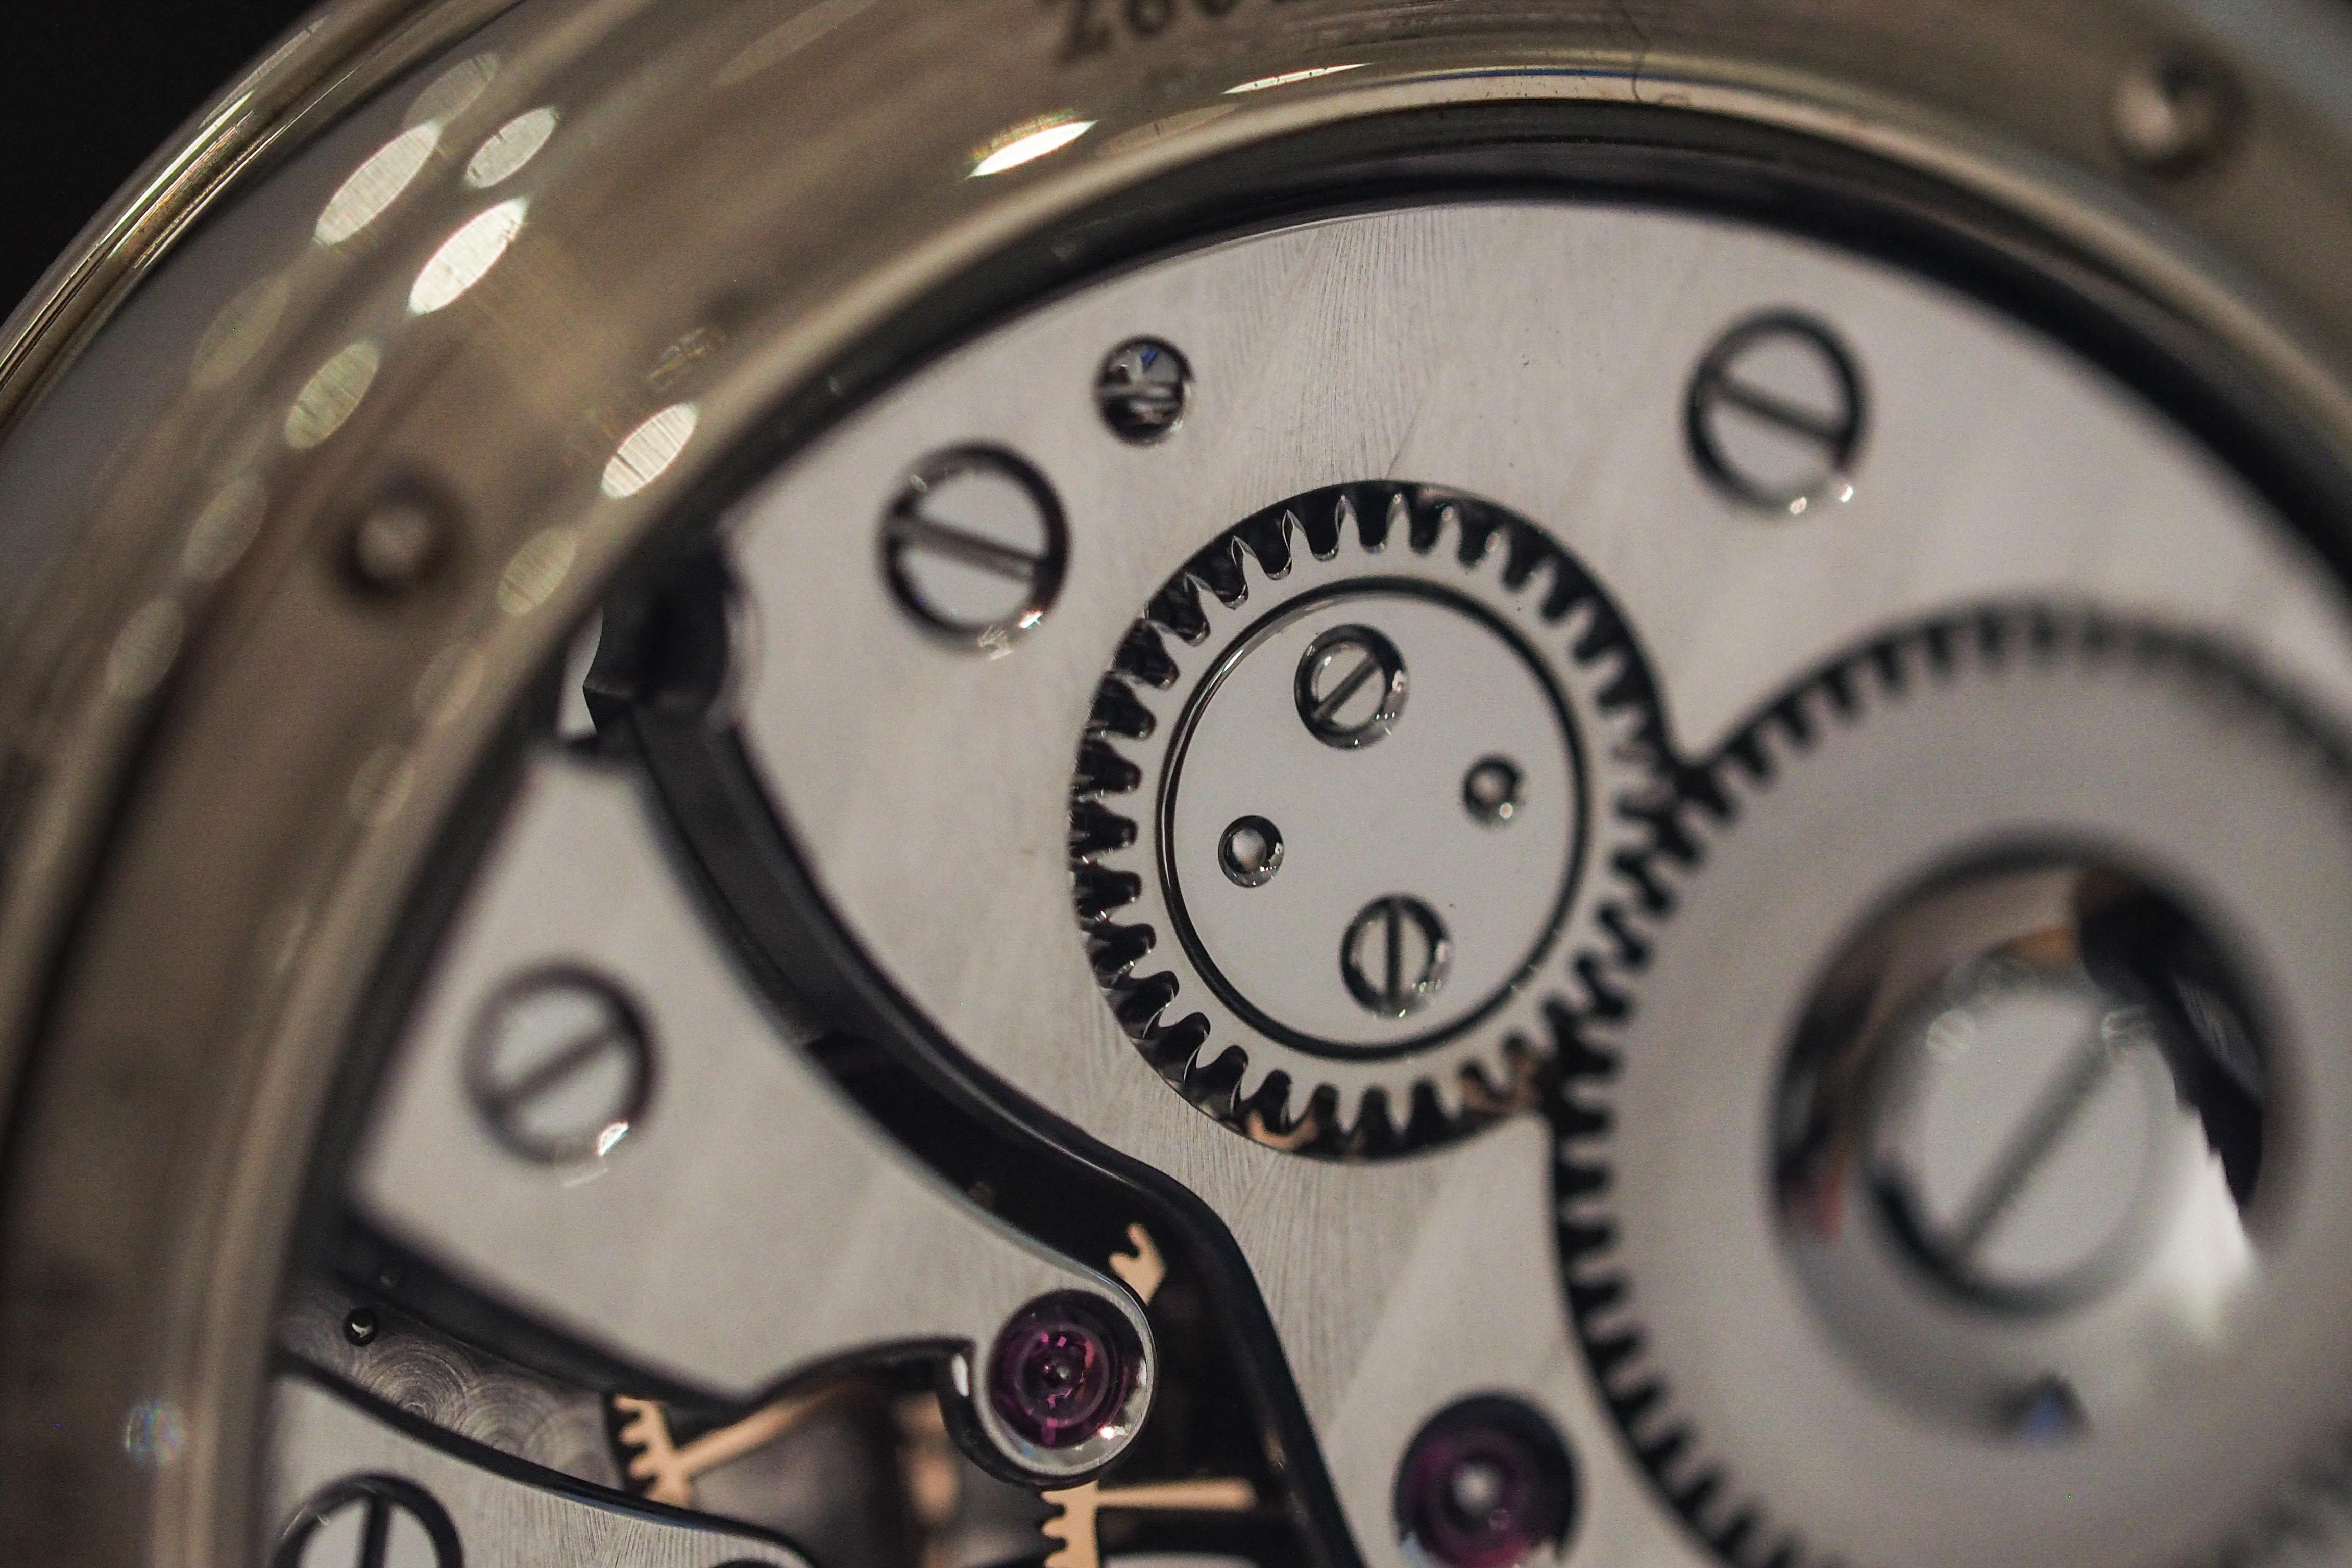 Voutilainen Vingt-8 crown wheel closeup Hands-On: Kari Voutilainen's Unique Platinum GMT-6 And Burgundy Dial Vingt-8 Hands-On: Kari Voutilainen's Unique Platinum GMT-6 And Burgundy Dial Vingt-8 P1200450